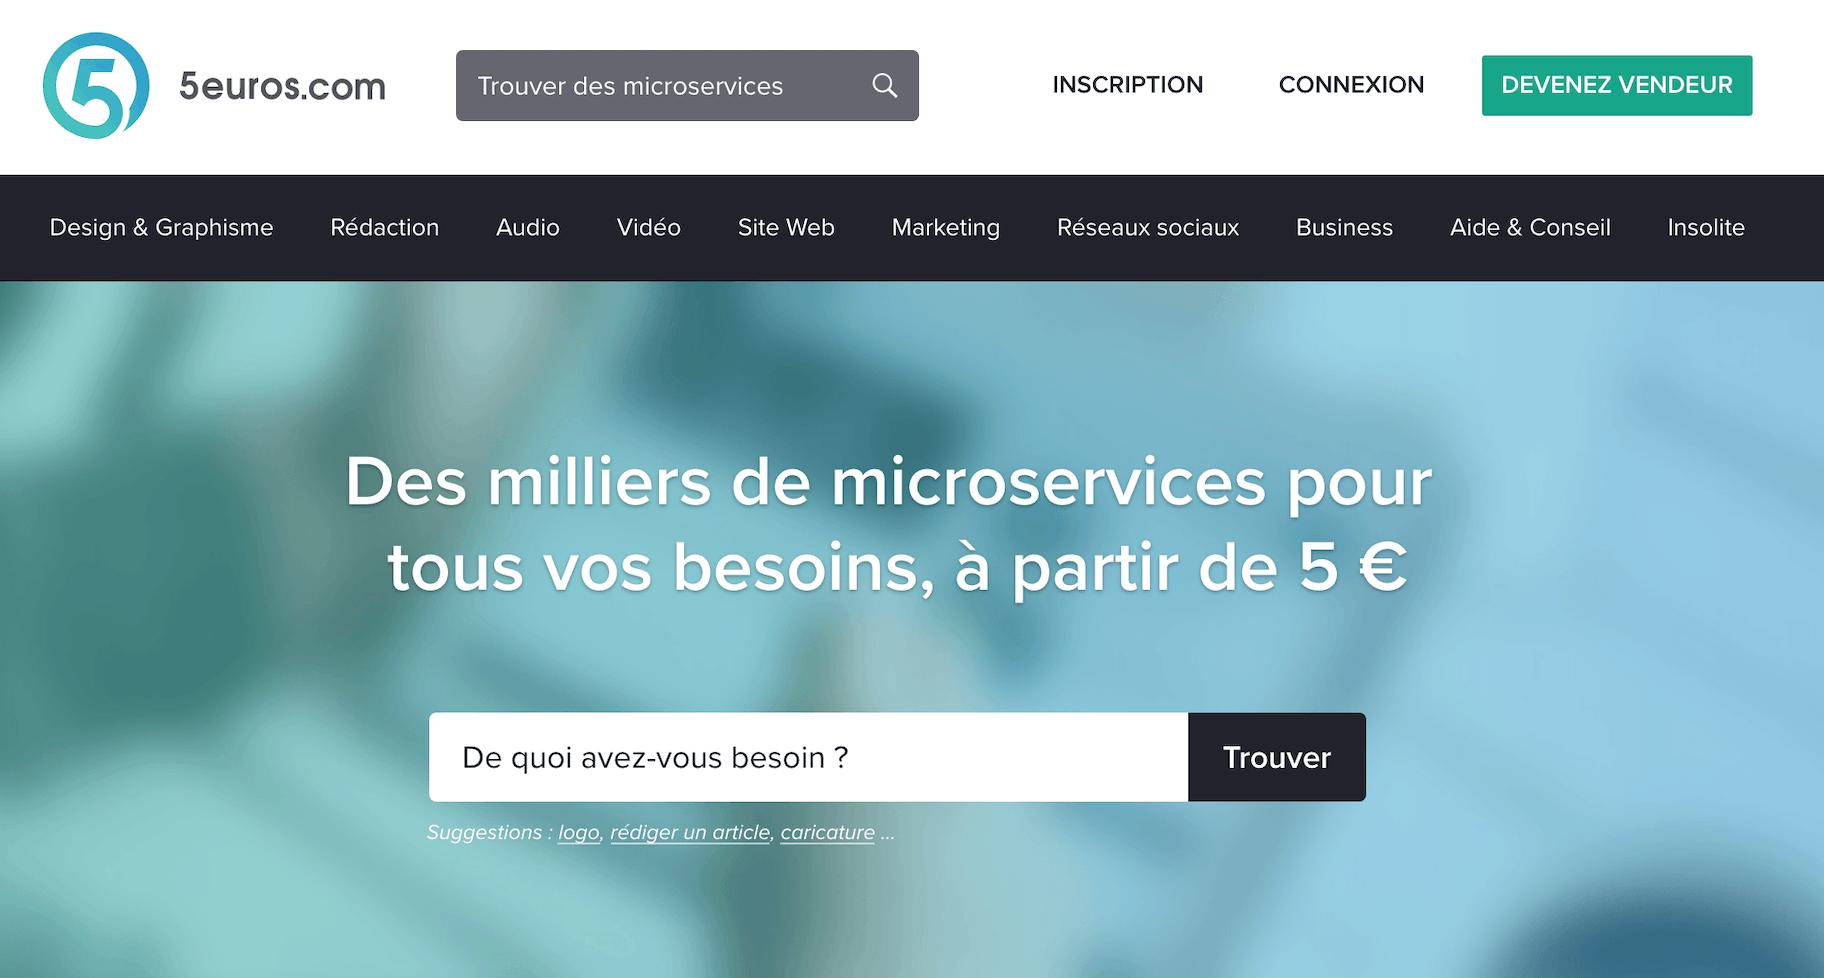 5euros plateforme mini services